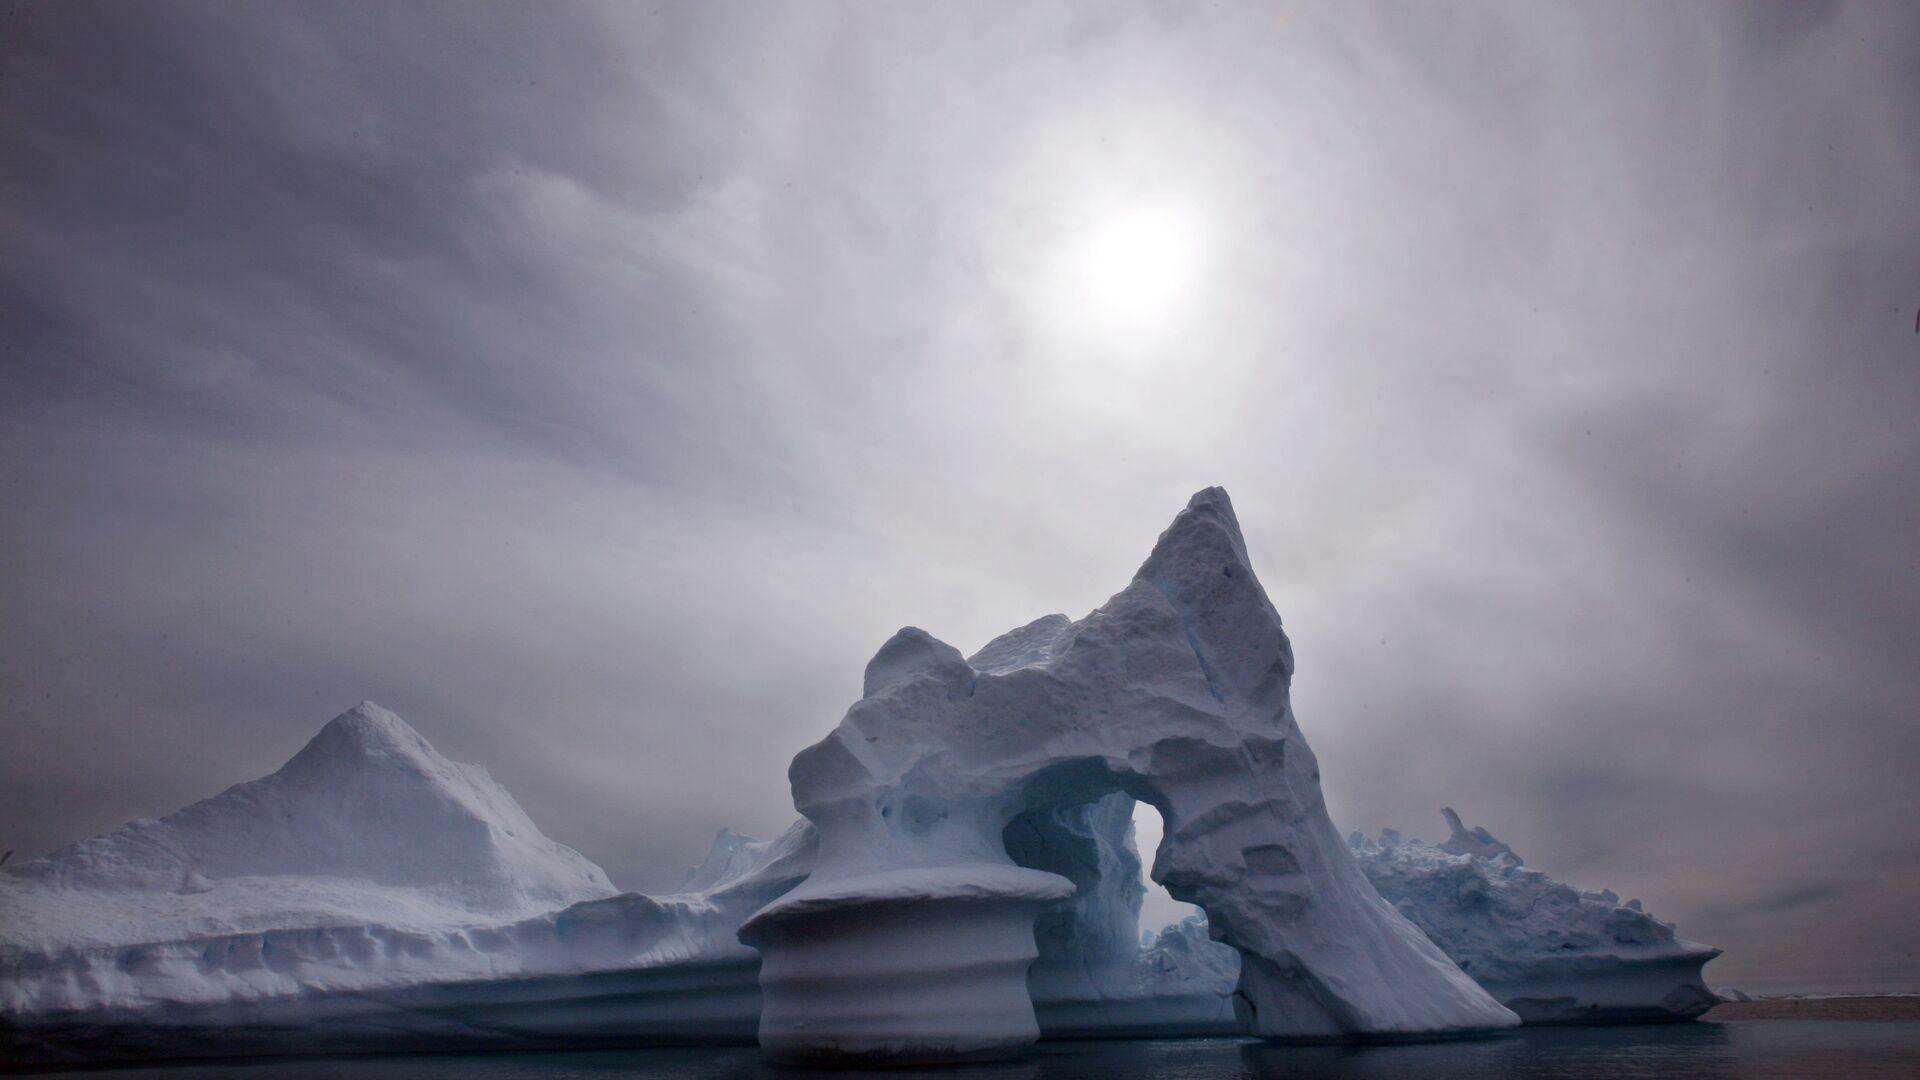 Озоновый слой в Арктике сократился до рекордного уровня - РИА Новости, 1920, 30.06.2020